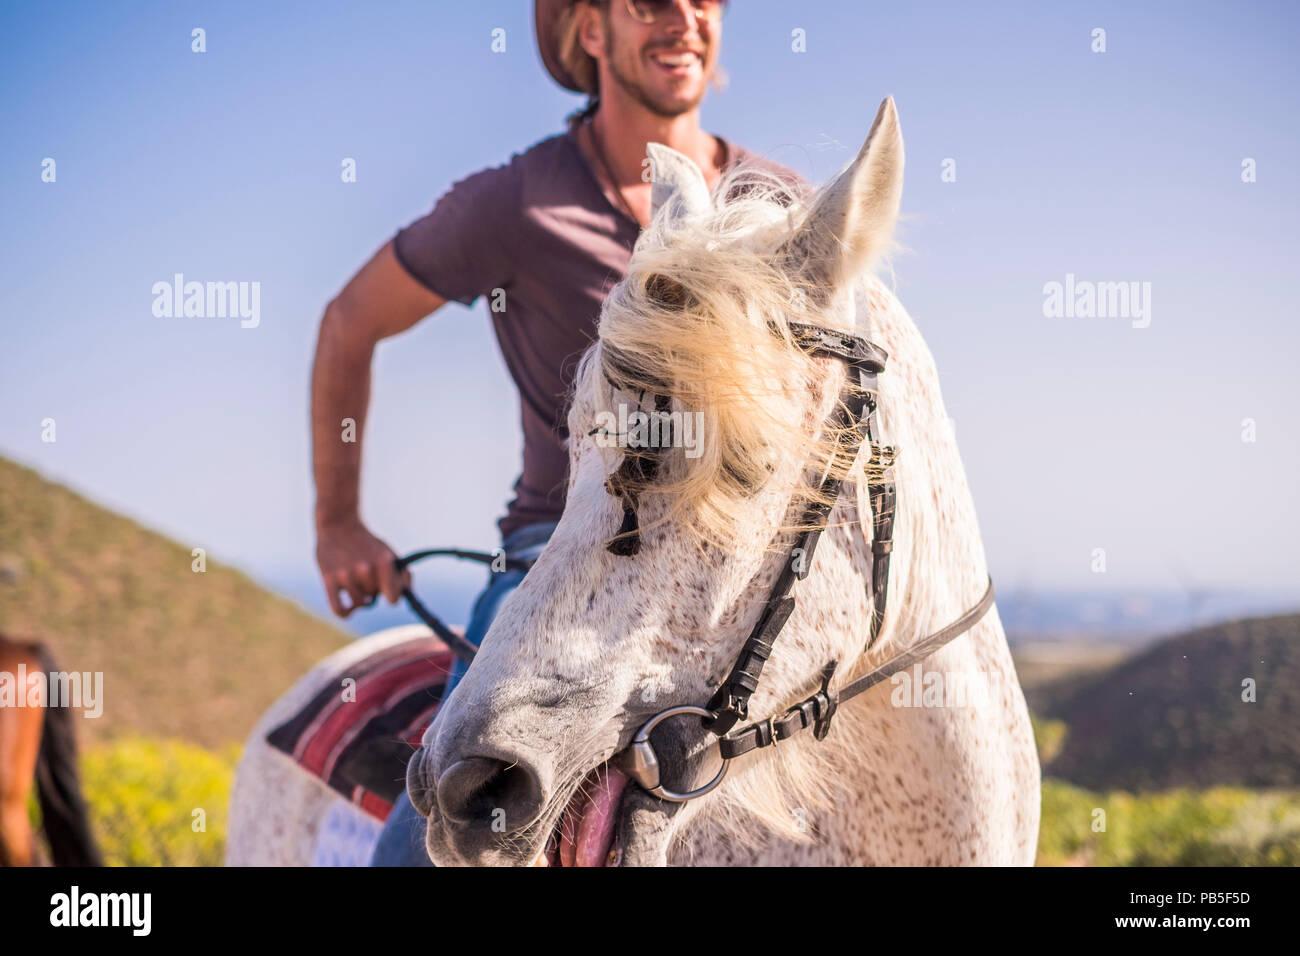 El hombre moderno cowboy disfrutar de un estilo de vida natural y alternativa montando un caballo blanco. La amistad y la naturaleza exterior hermoso para personas que viven una diferen Imagen De Stock